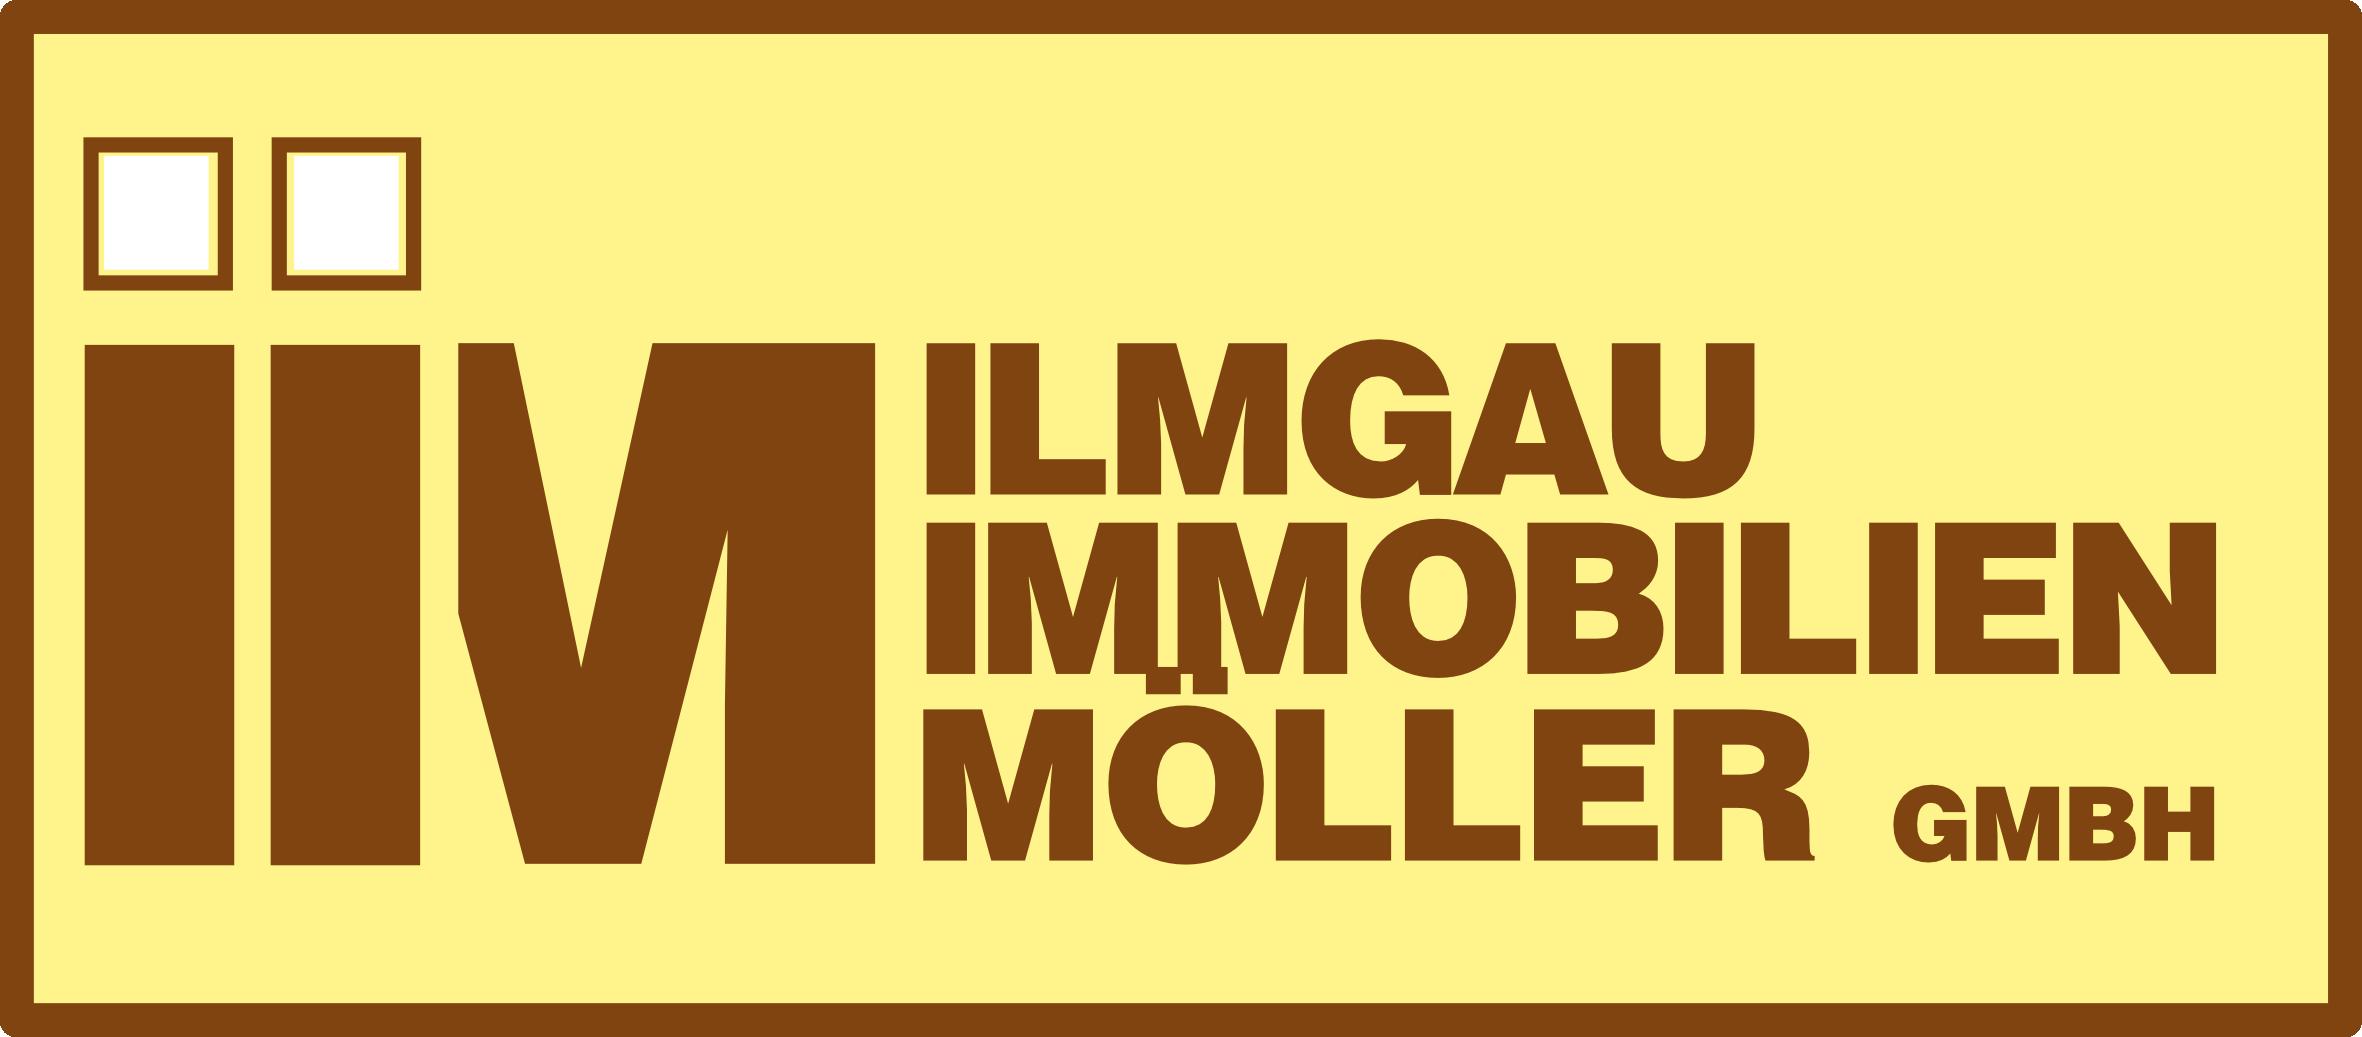 Hier sehen Sie das Logo von IIM Ilmgau Immobilien Möller GmbH